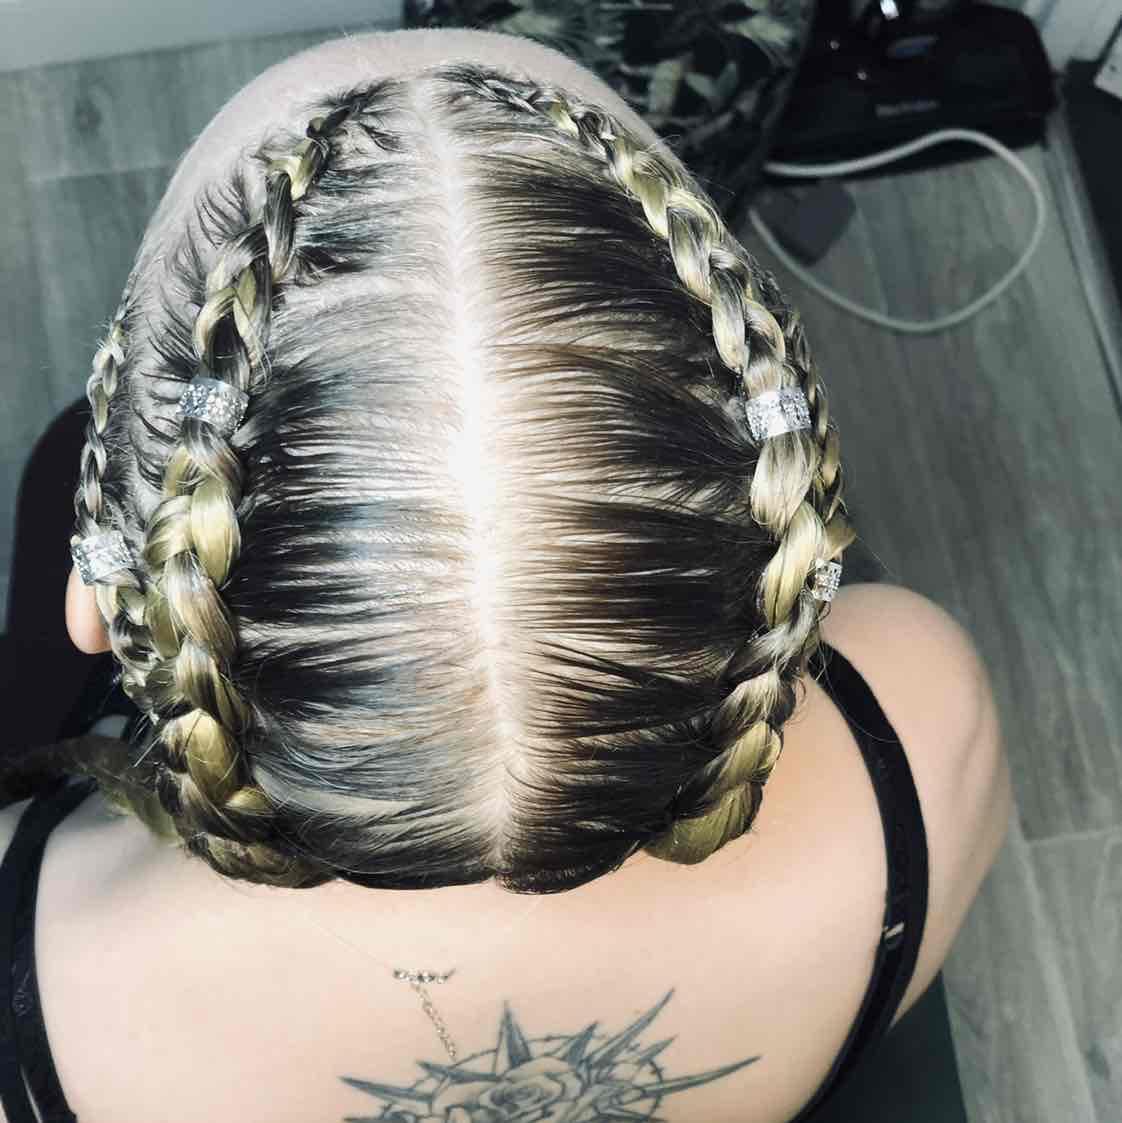 salon de coiffure afro tresse tresses box braids crochet braids vanilles tissages paris 75 77 78 91 92 93 94 95 MNQVDLZX